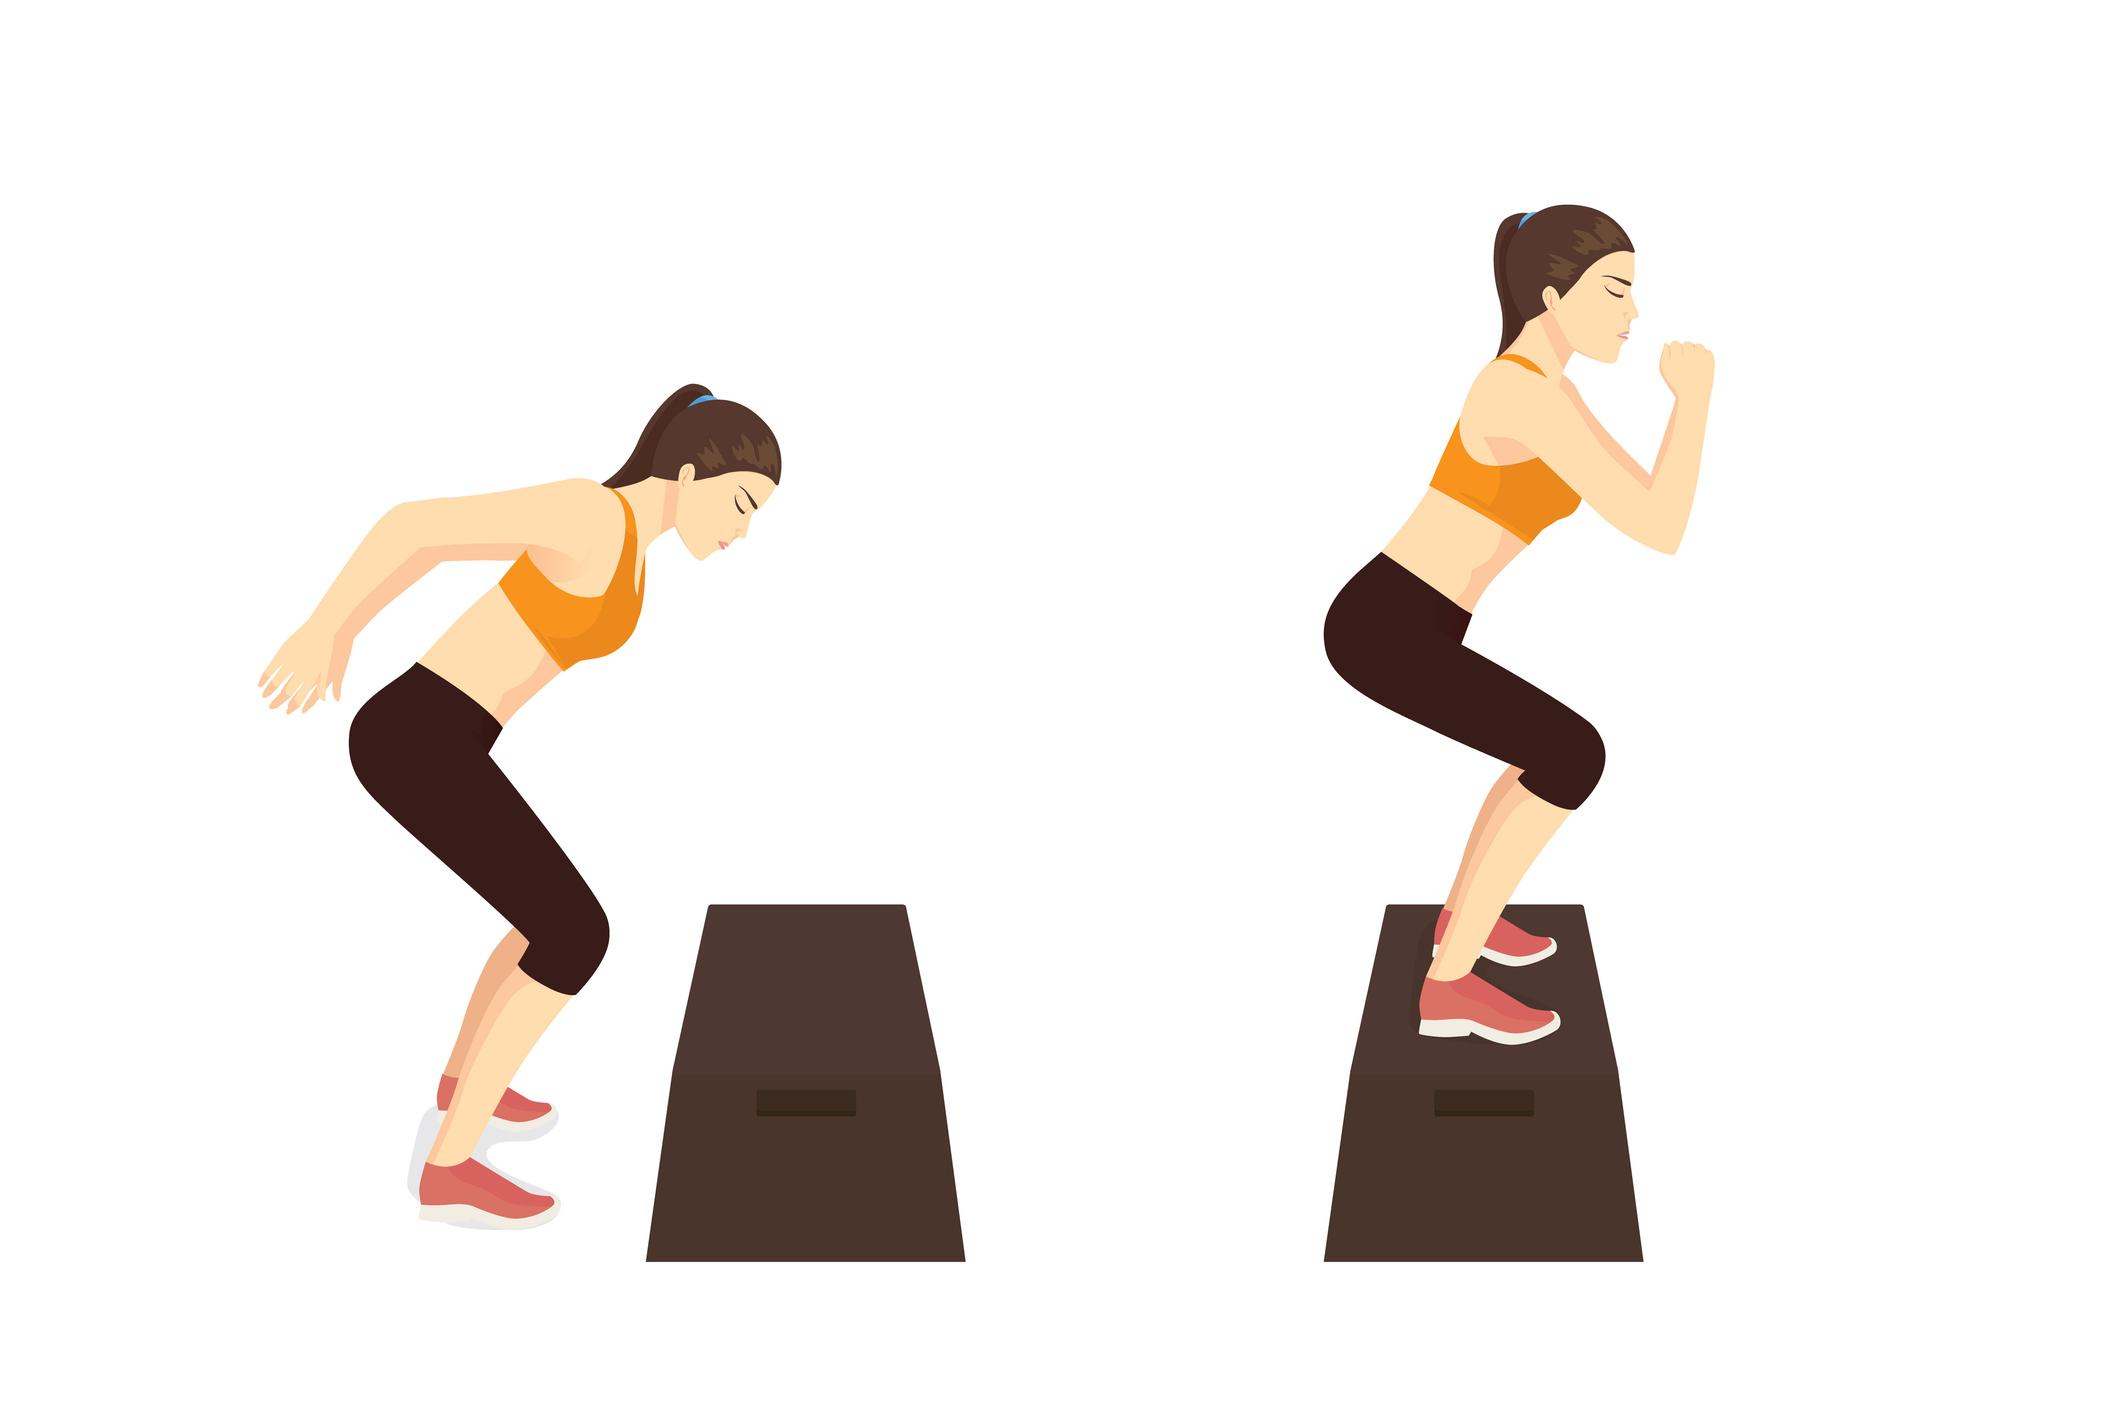 瞬発力を高める プライオメトリクストレーニング とは 効果 やり方